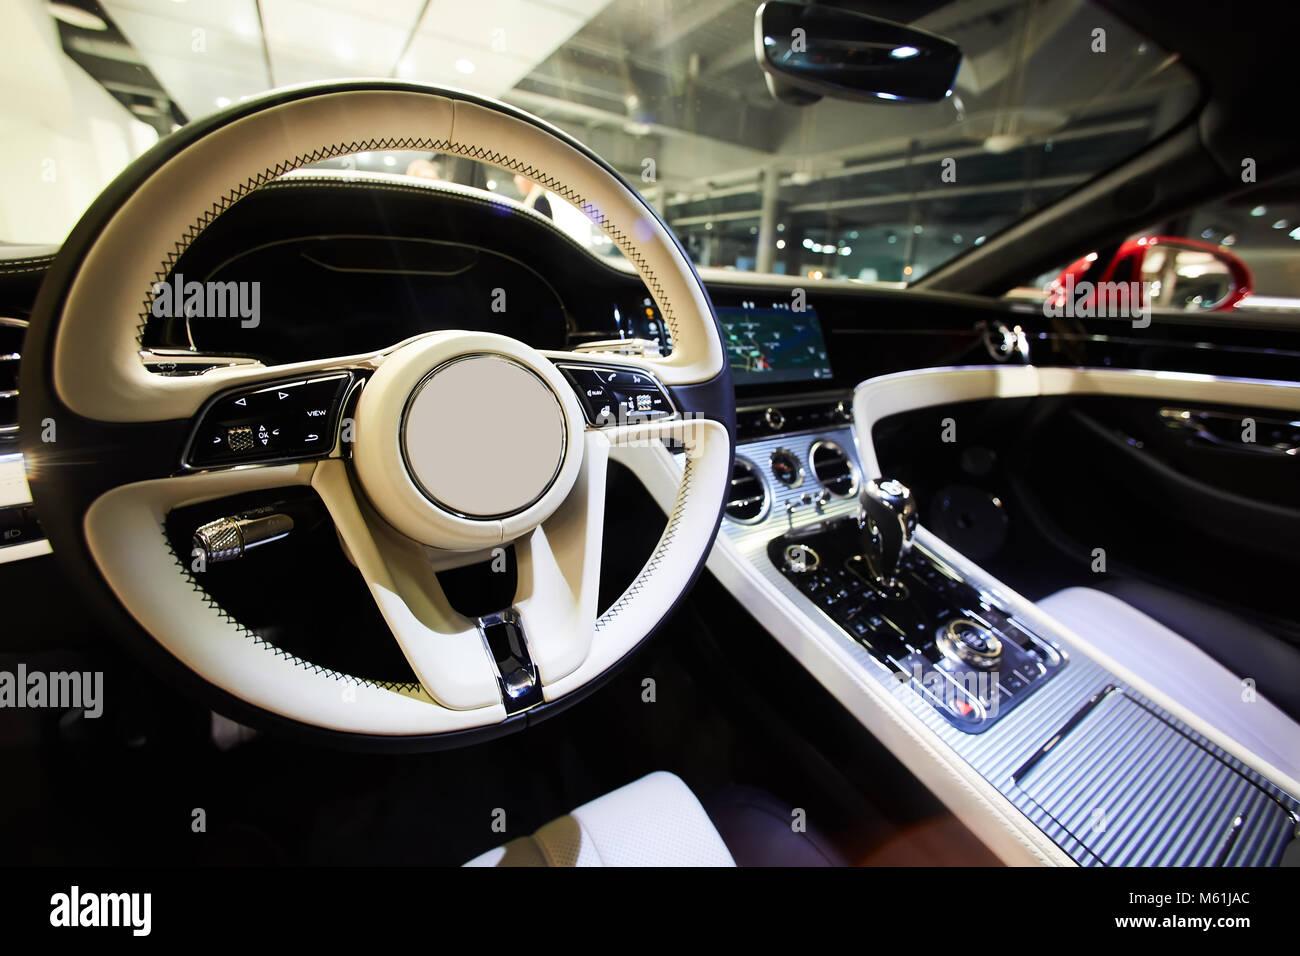 Car Interior Luxury Interior Of Prestige Modern Car Dashboard And